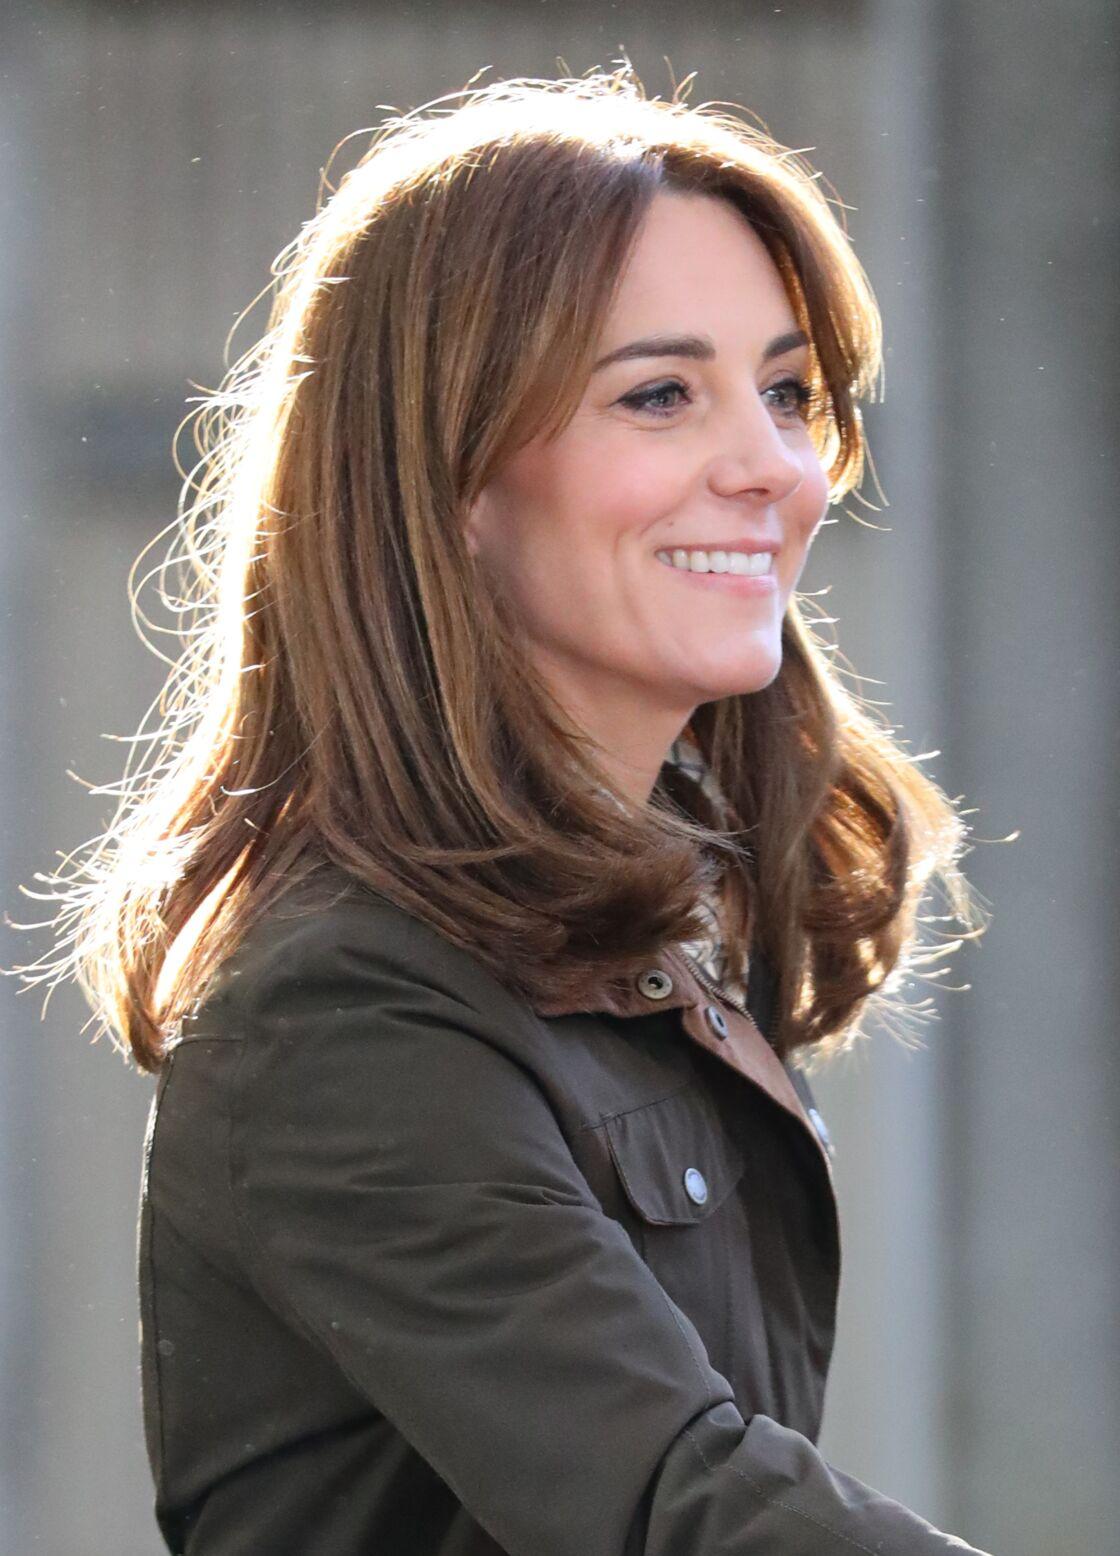 Photos Kate Middleton Comment Elle A Discretement Change De Coupe De Cheveux Gala